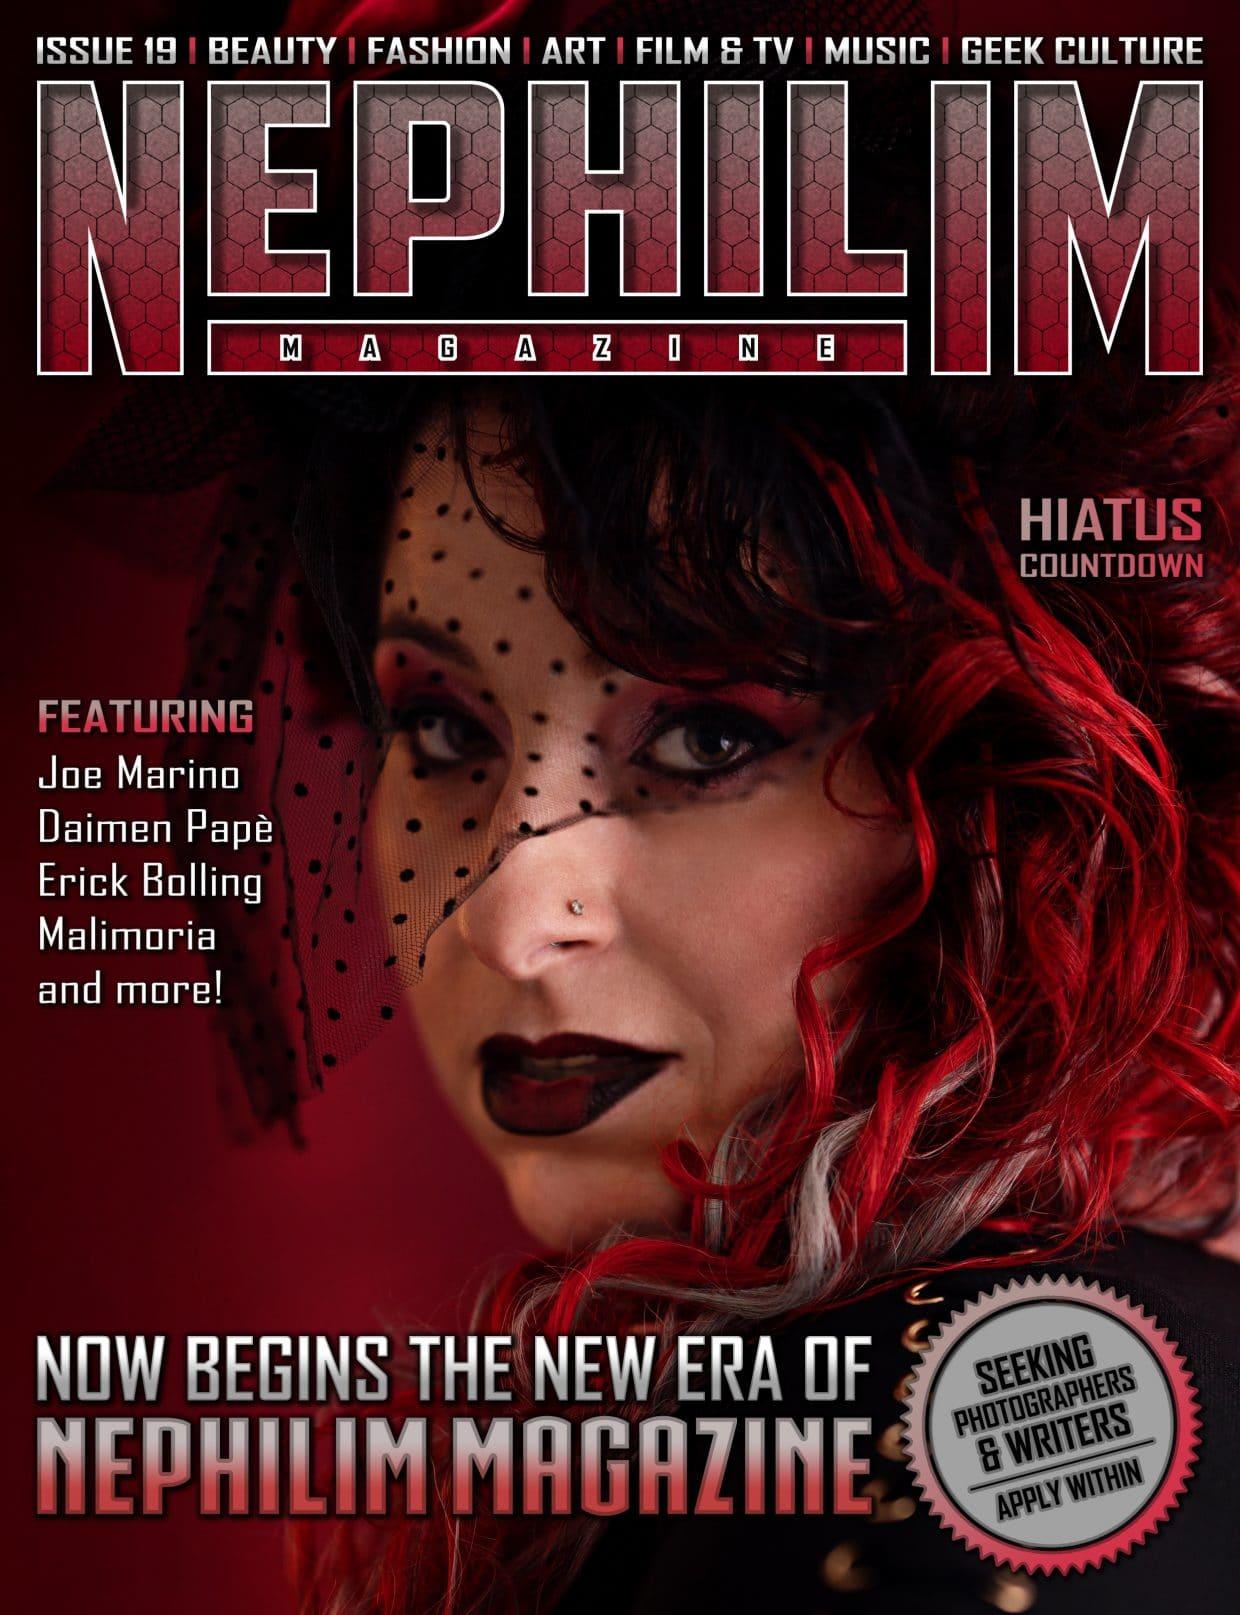 Nephilim Magazine - Issue 18 3